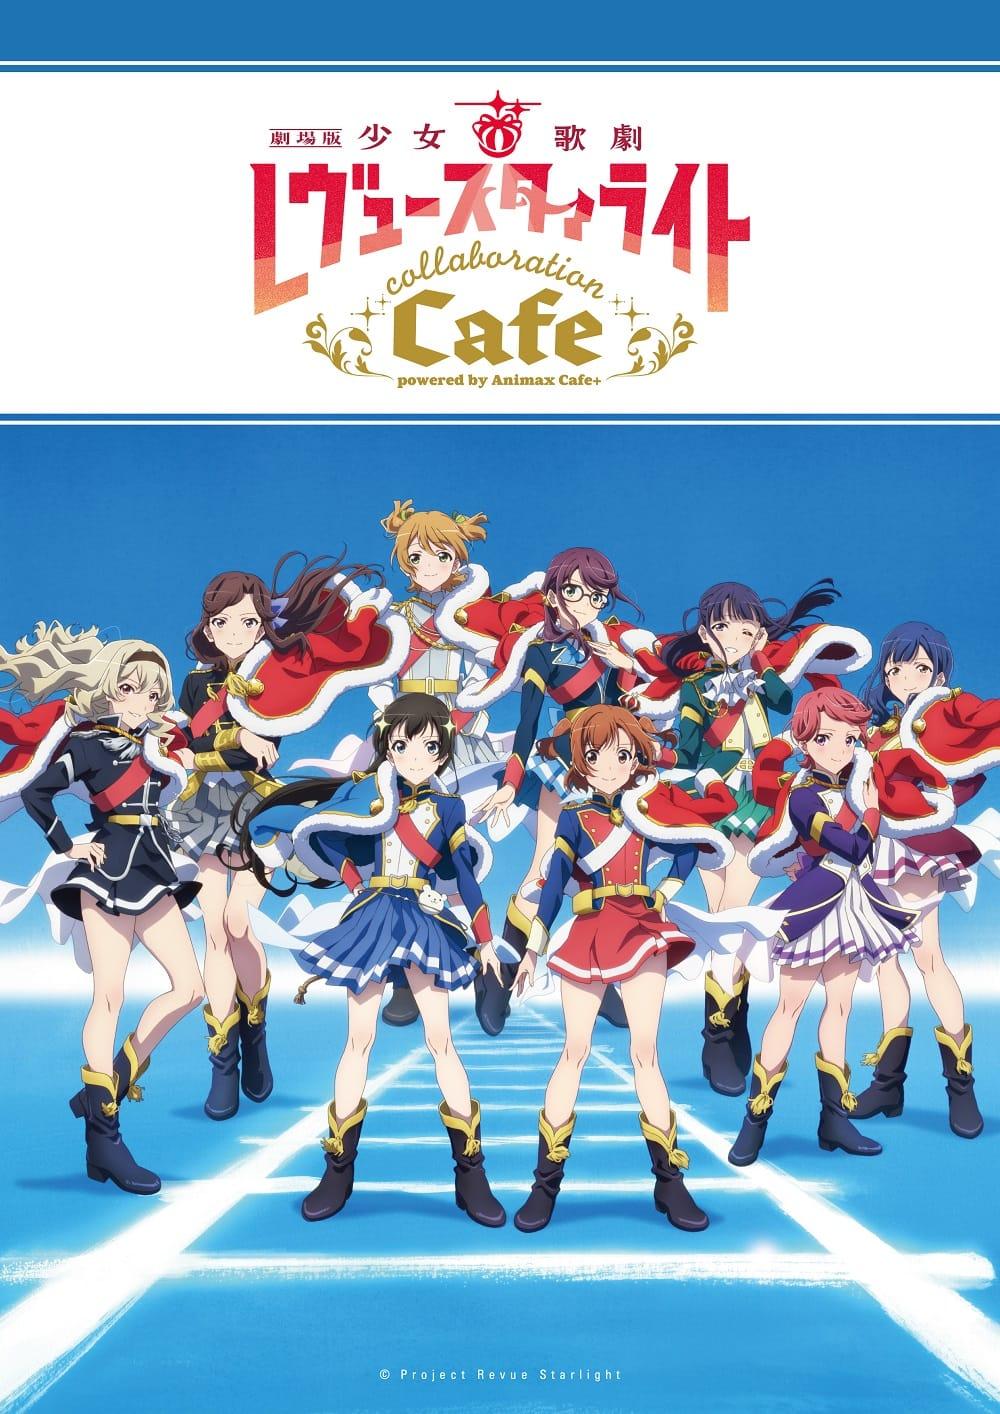 少女☆歌劇 レヴュースタァライト × Animax Cafe+ 5.20-6.23 コラボ開催!